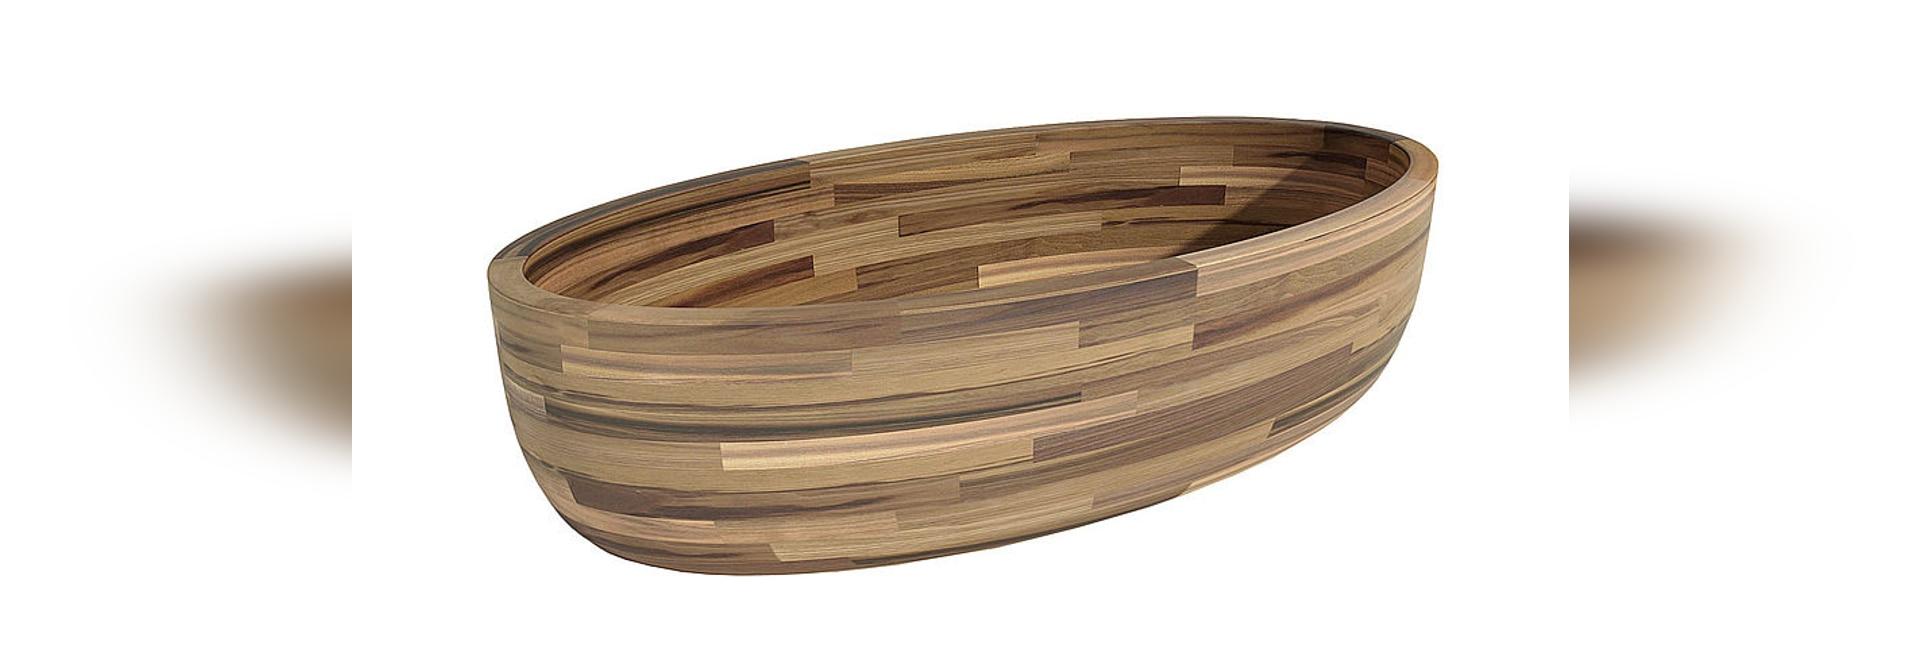 Vasca da bagno di legno Michor - MICHOR